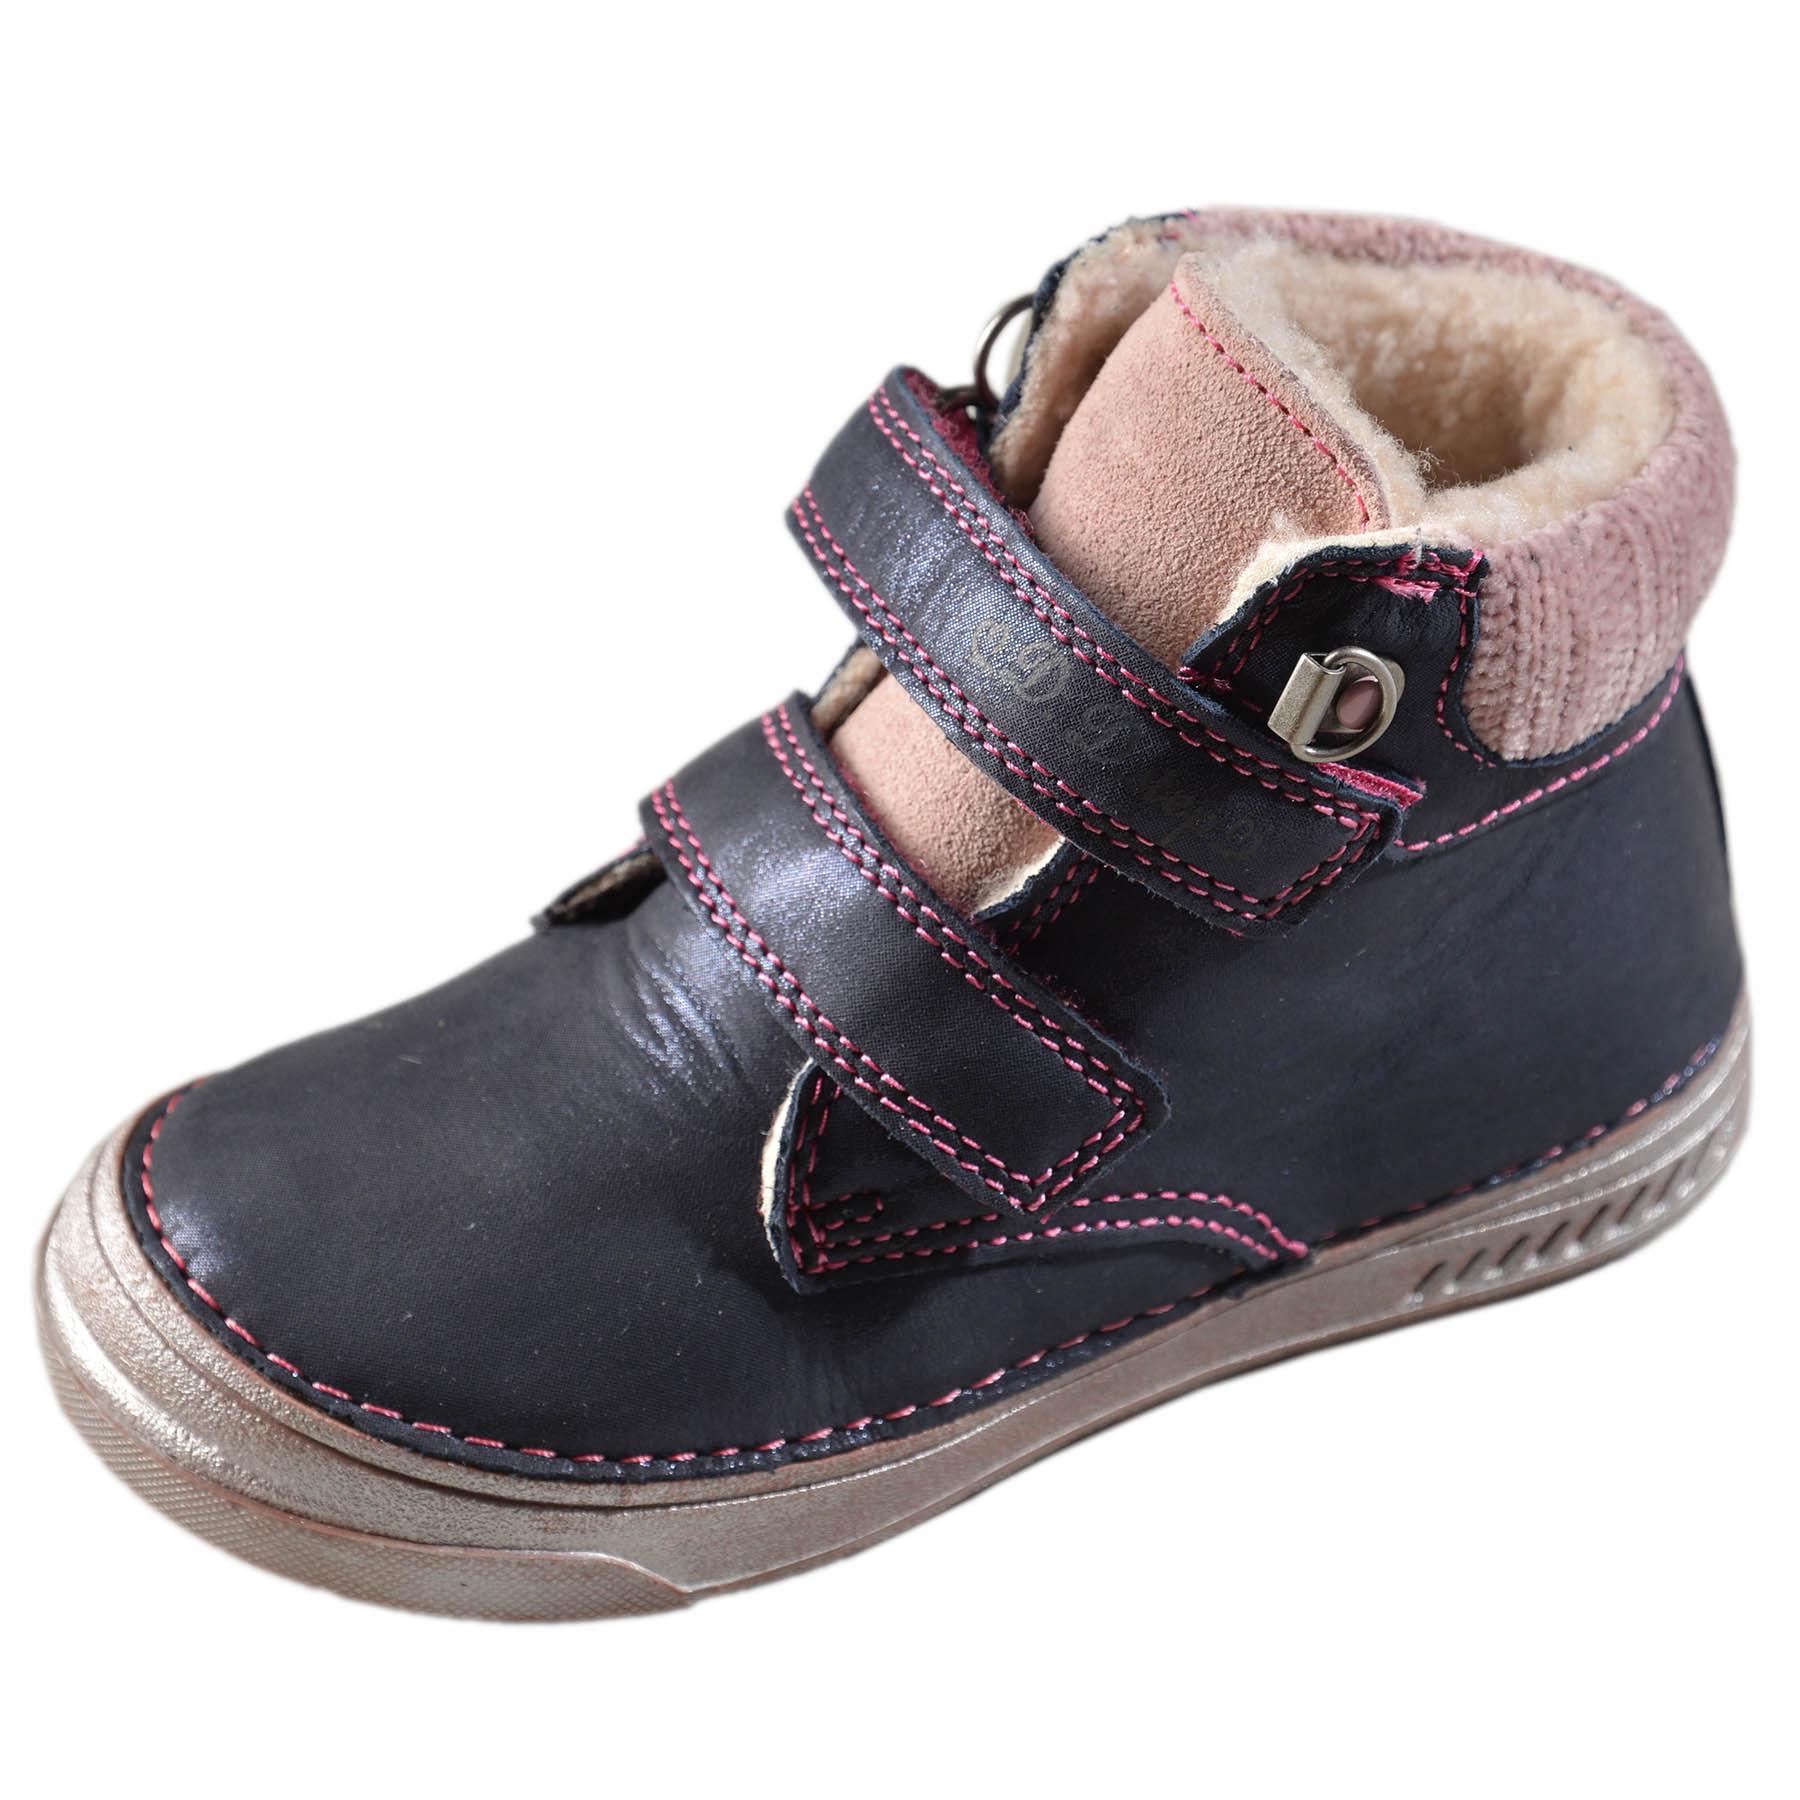 Dievčenské zimné topánky zateplené s kožušinkou-Royal Blue DDstep ... 814038b6b70